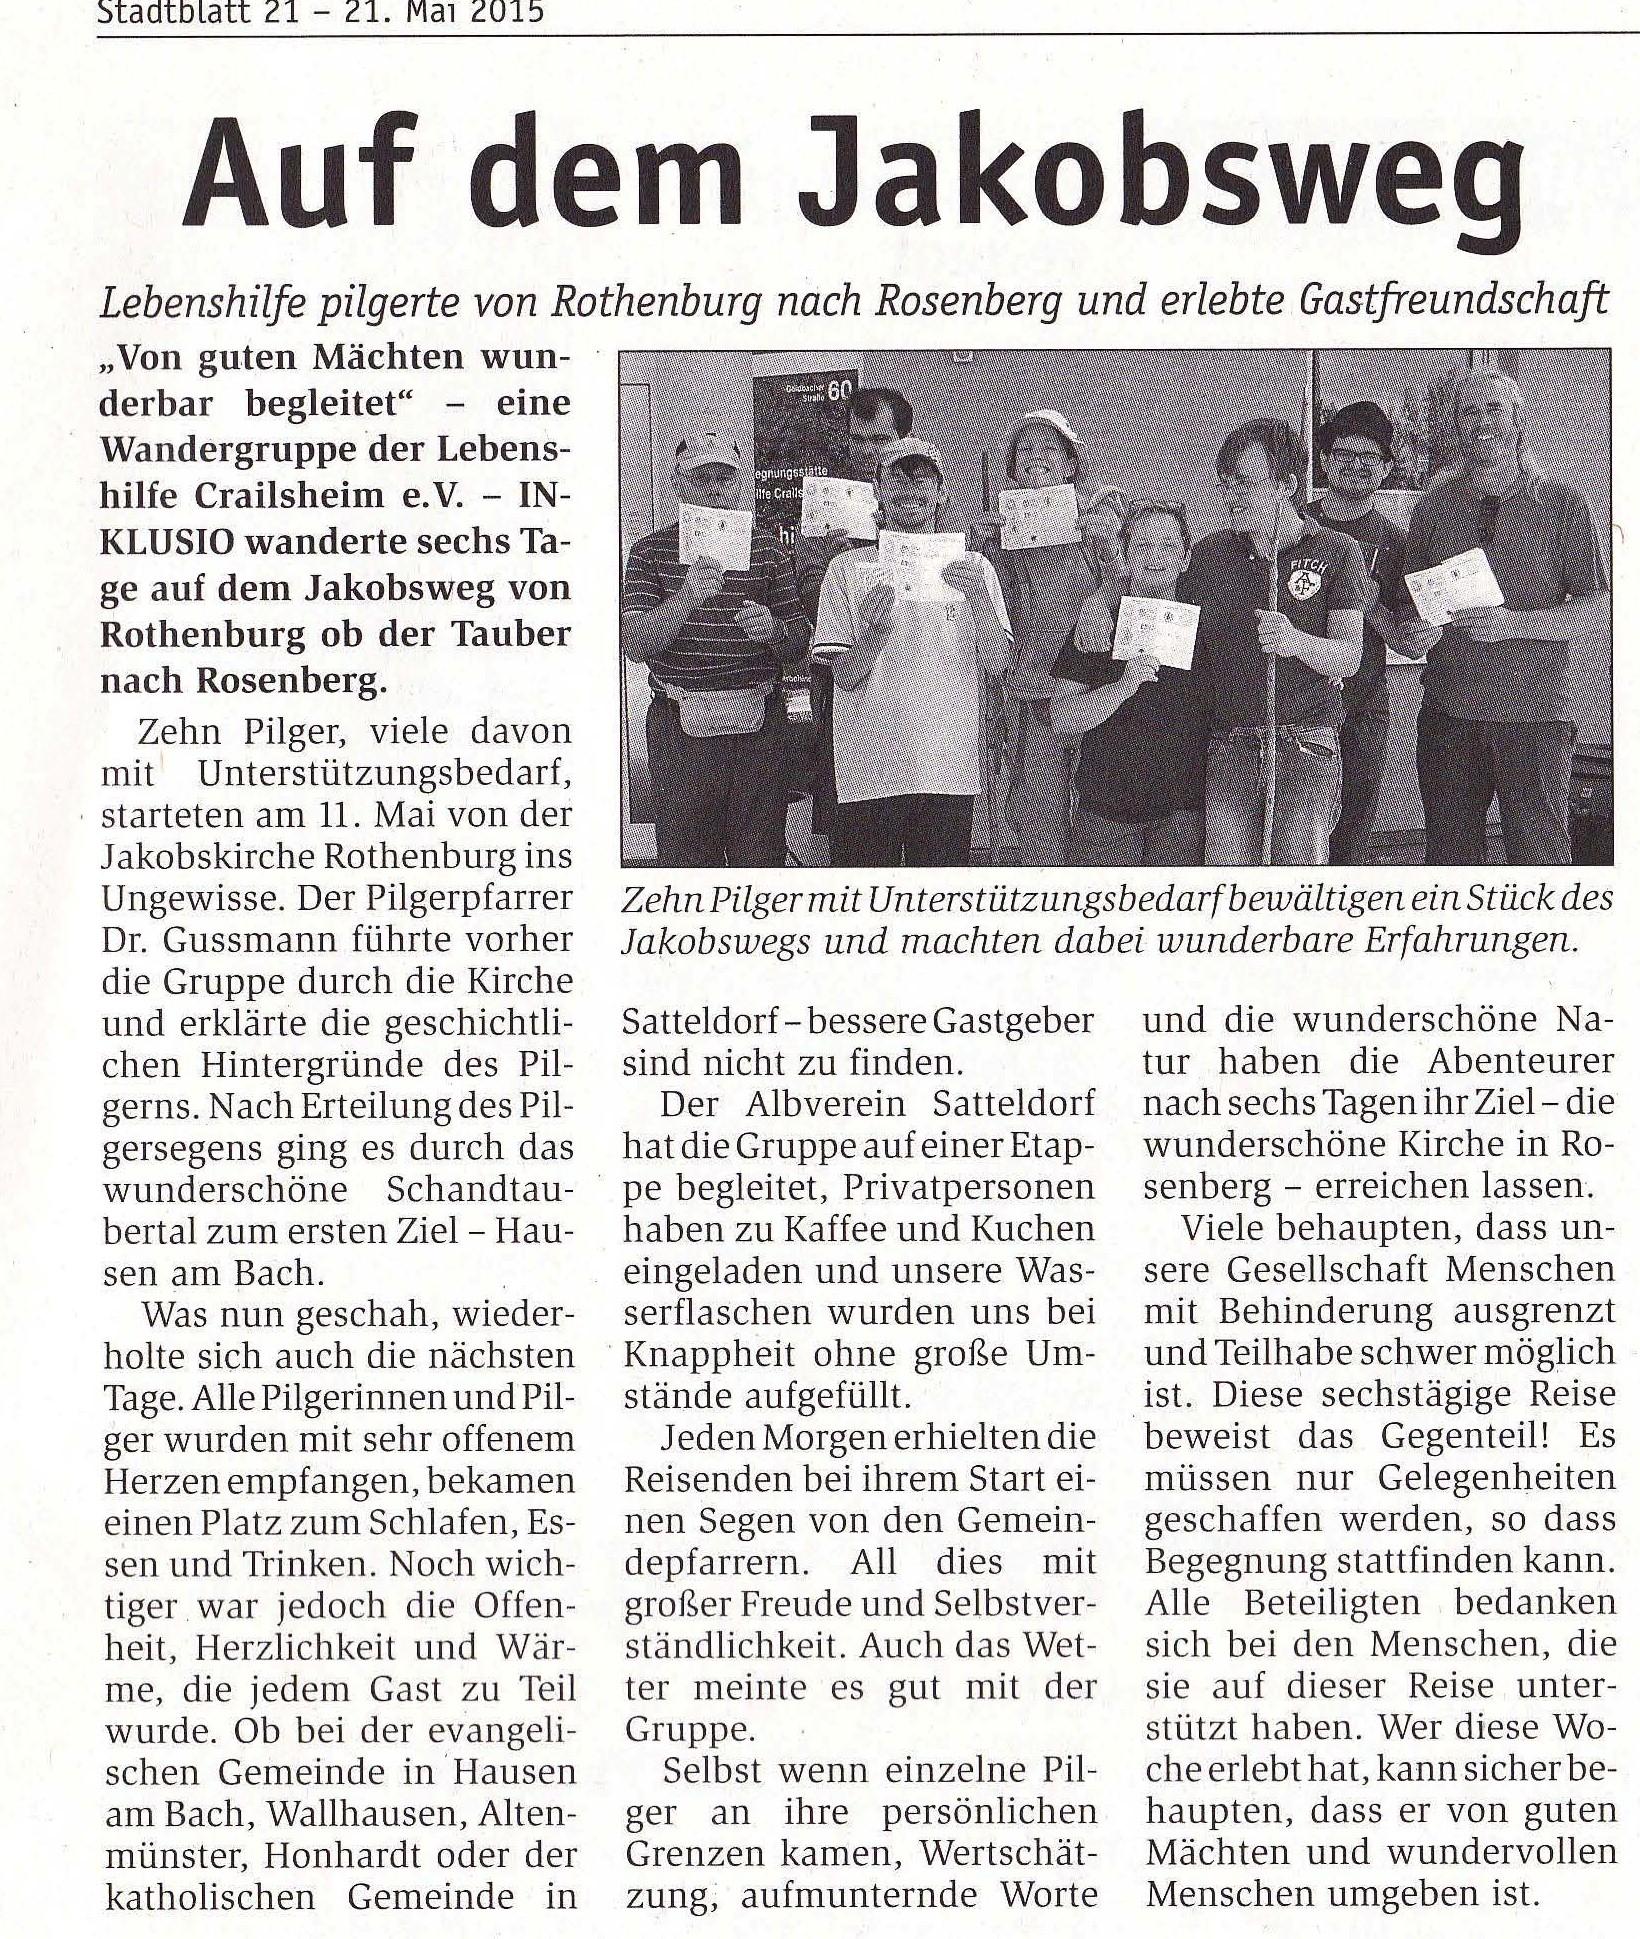 Jakobsweg 2015 1.jpg - 1.28 MB